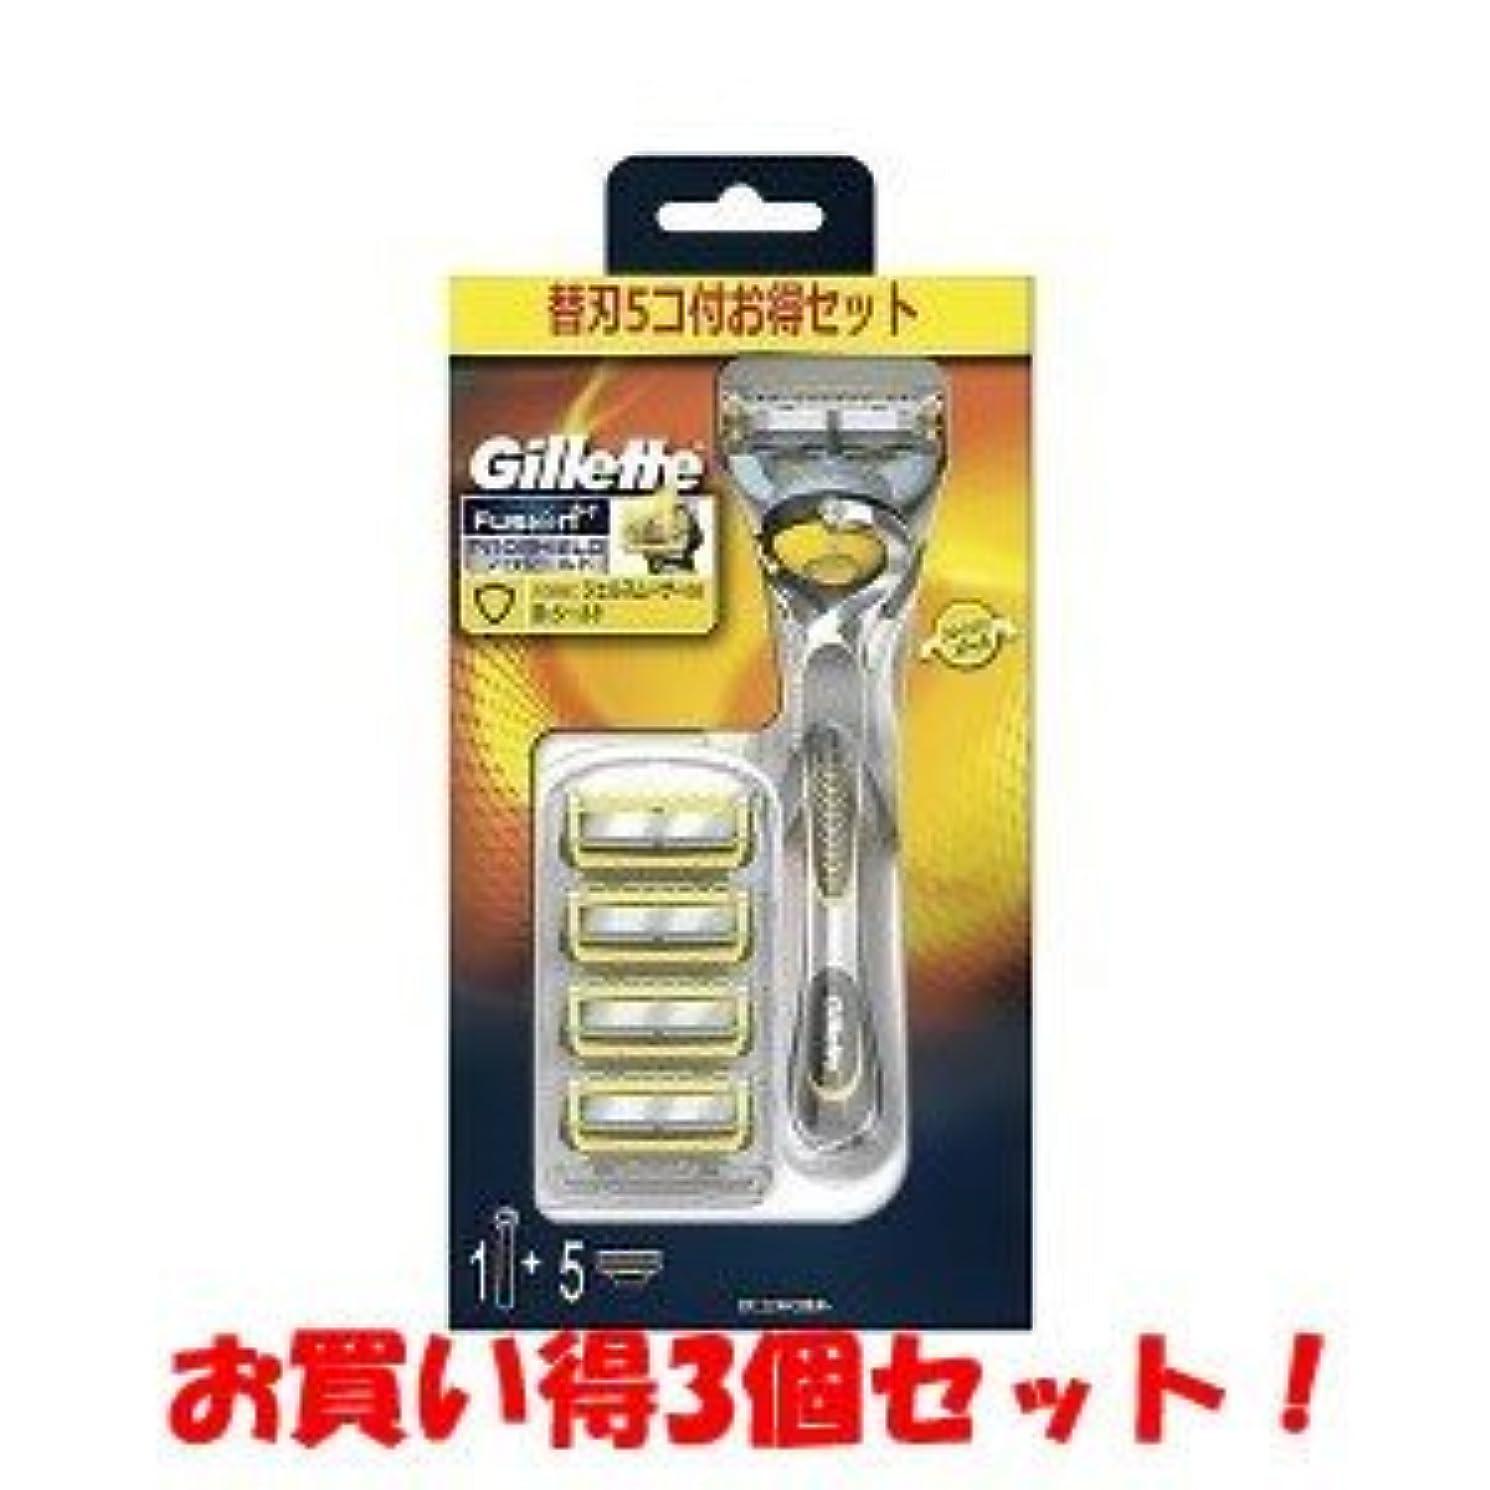 論争の的配分マウス(P&G)ジレット フュージョン 5+1 プロシールド4B ホルダー付 替刃5個付(お買い得3個セット)